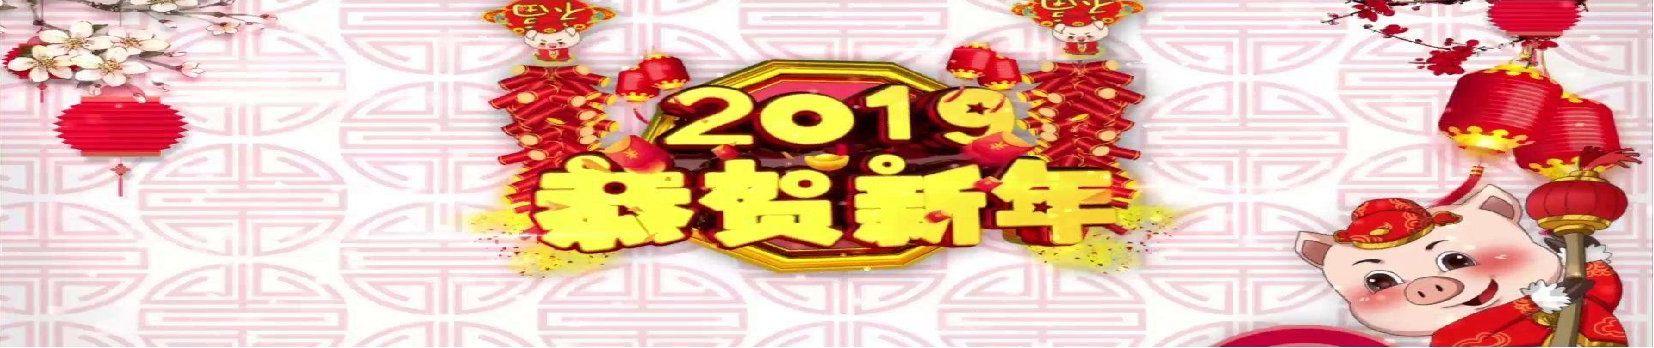 新 年 贺 词